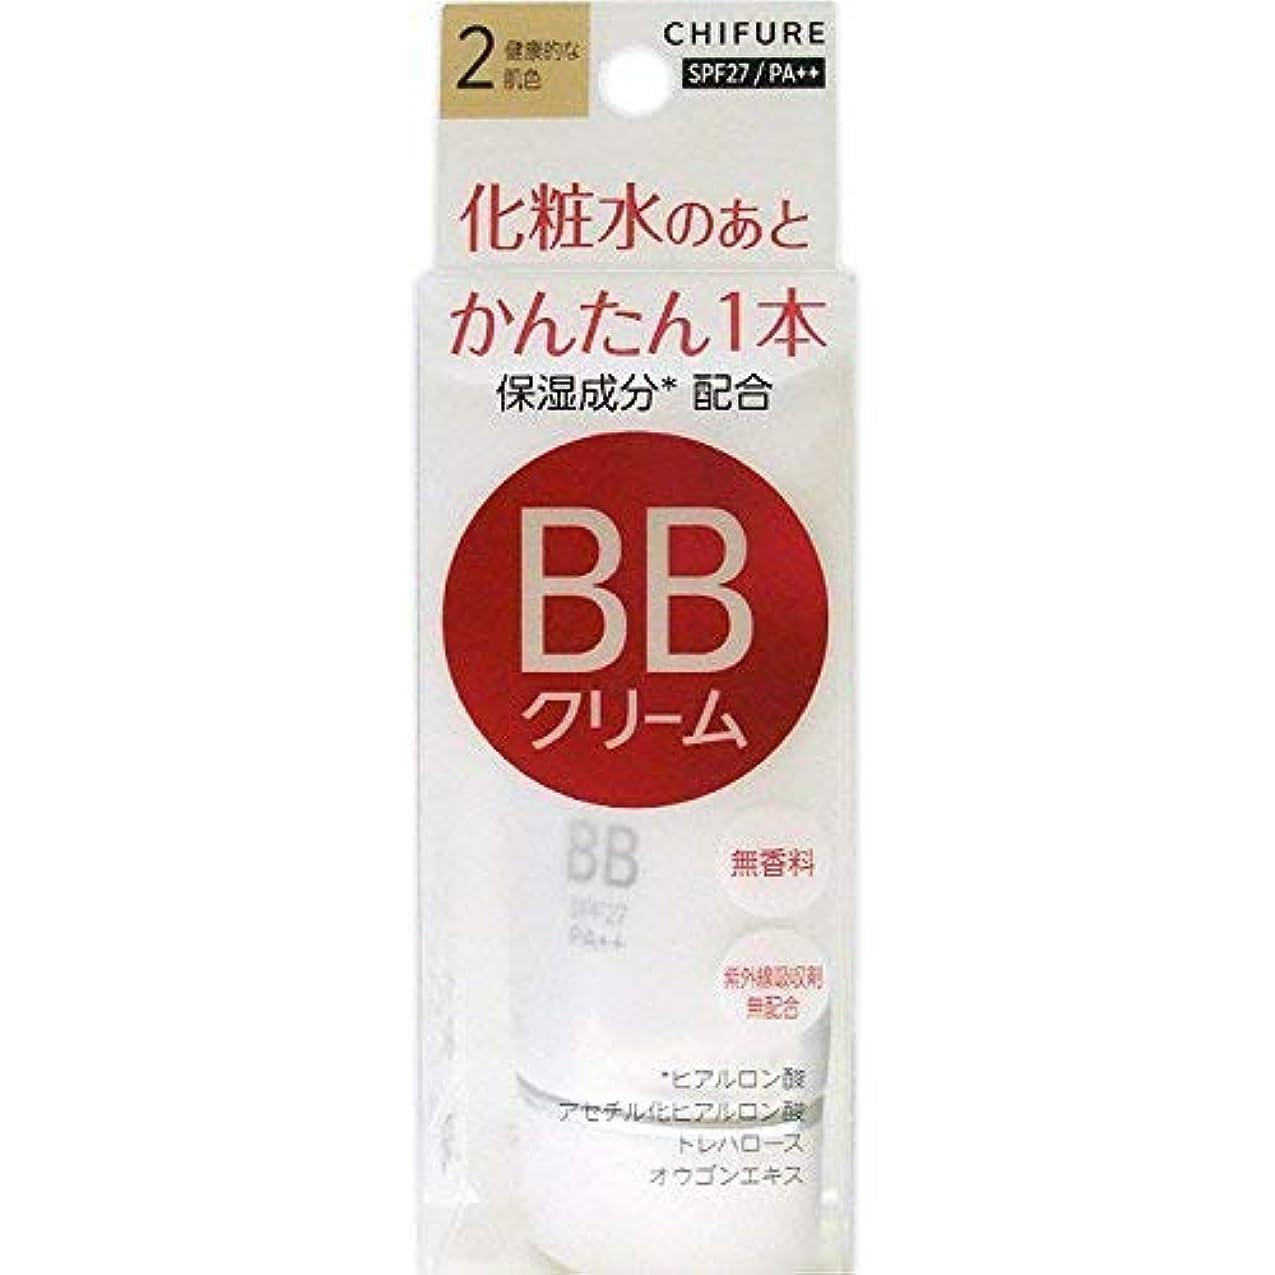 永久にクレアスリラーちふれ化粧品 BB クリーム 2 健康的な肌色 BBクリーム 2